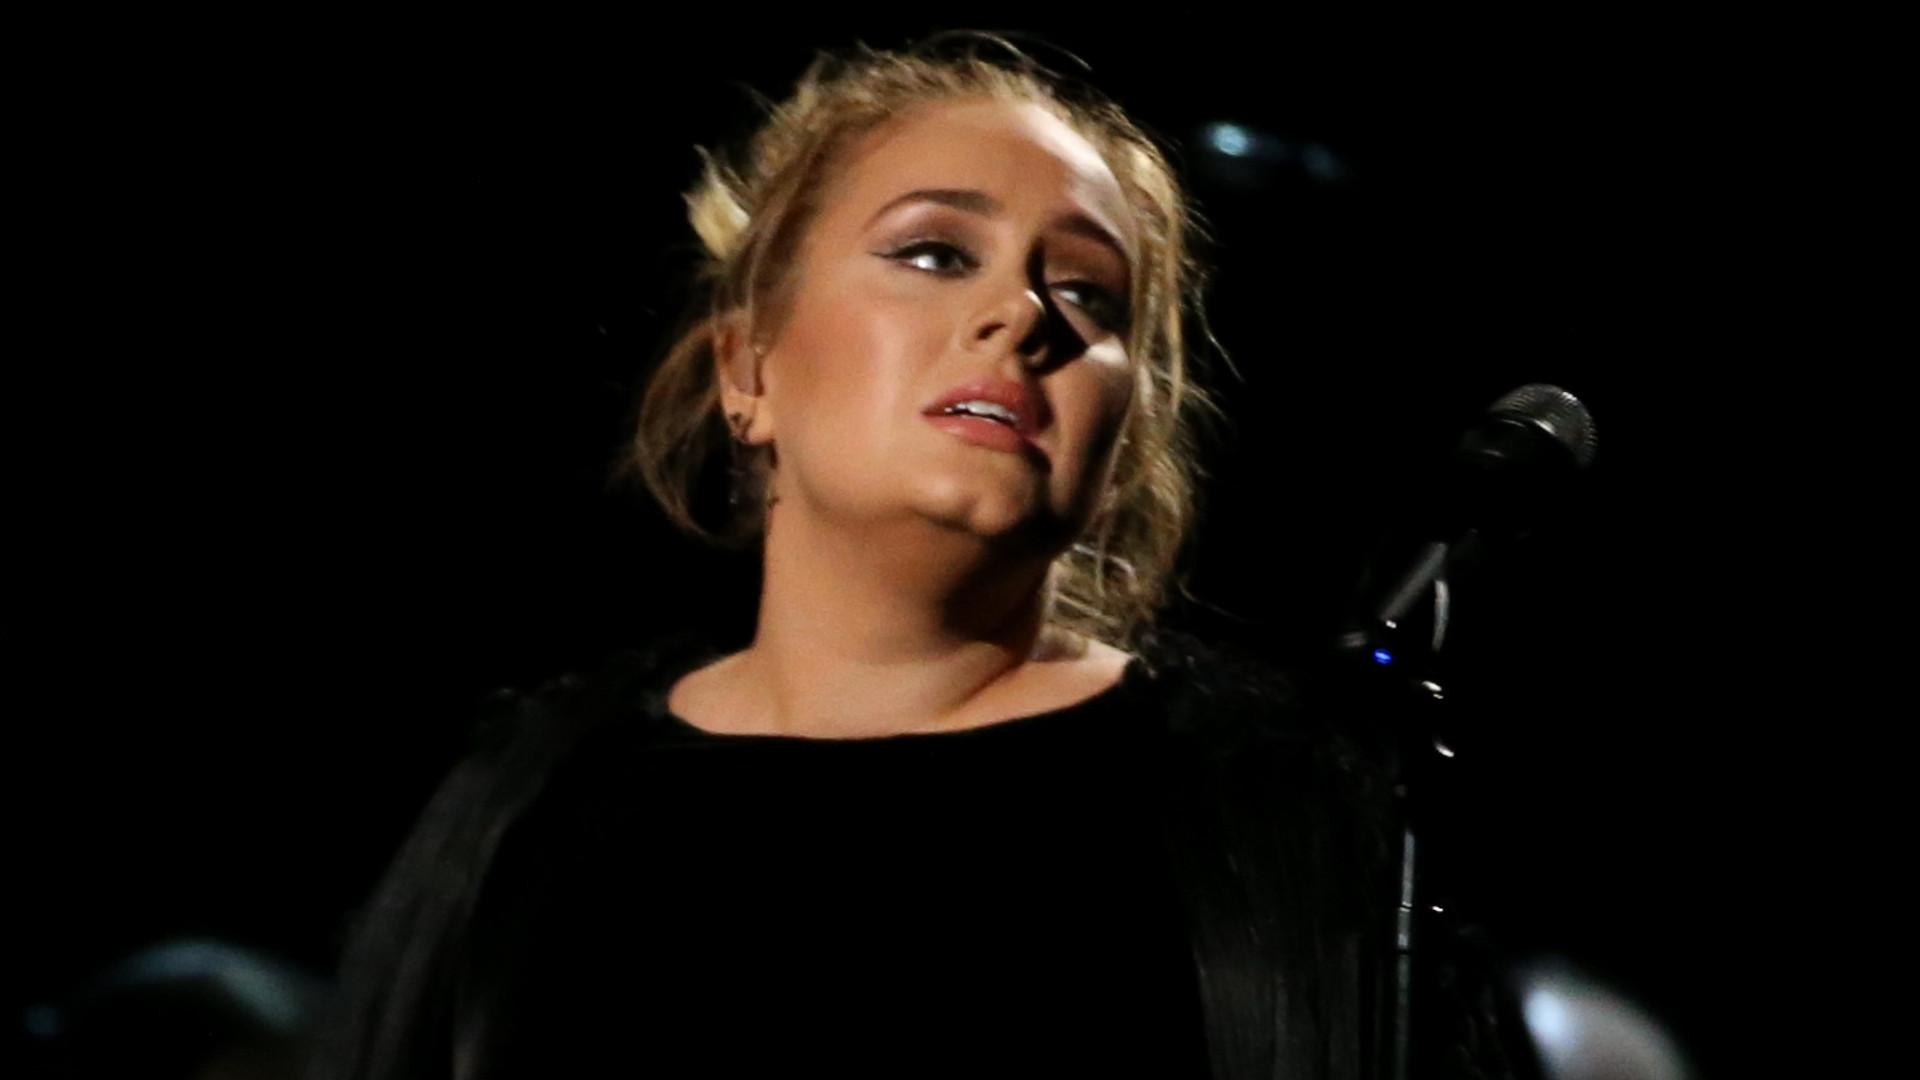 Nie żyje ojciec Adele. Wokalistka była z nim skłócona